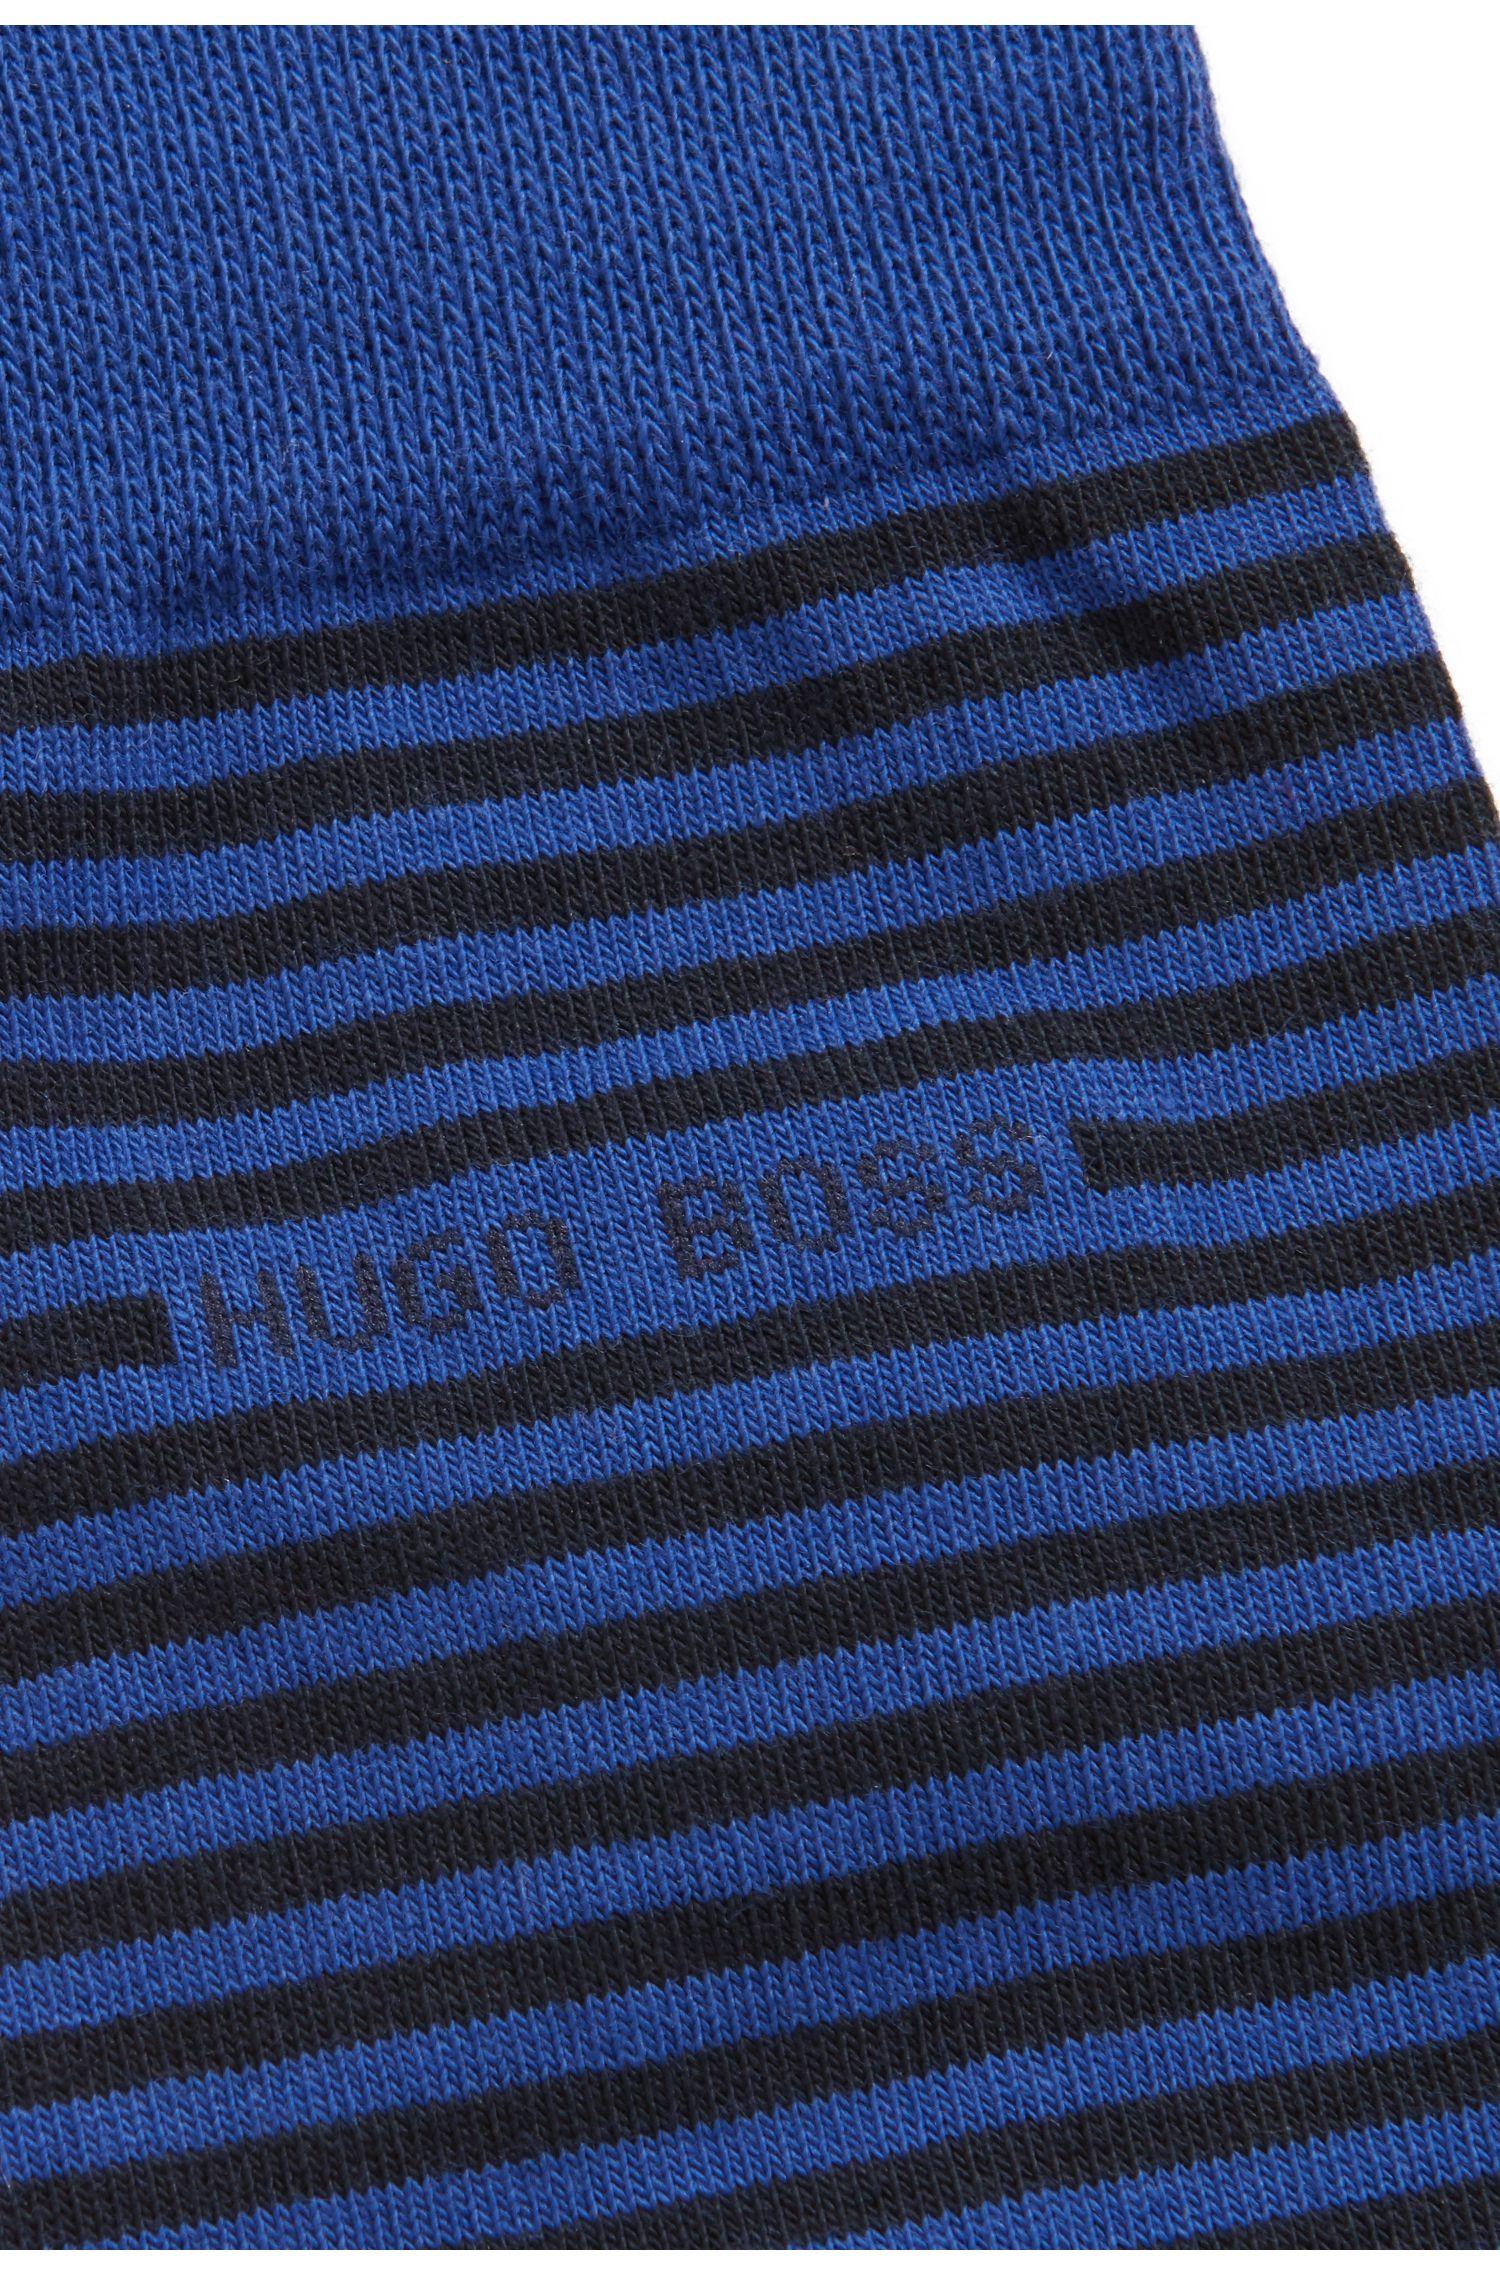 Calcetines a rayas de largo normal en algodón elástico peinado, Azul